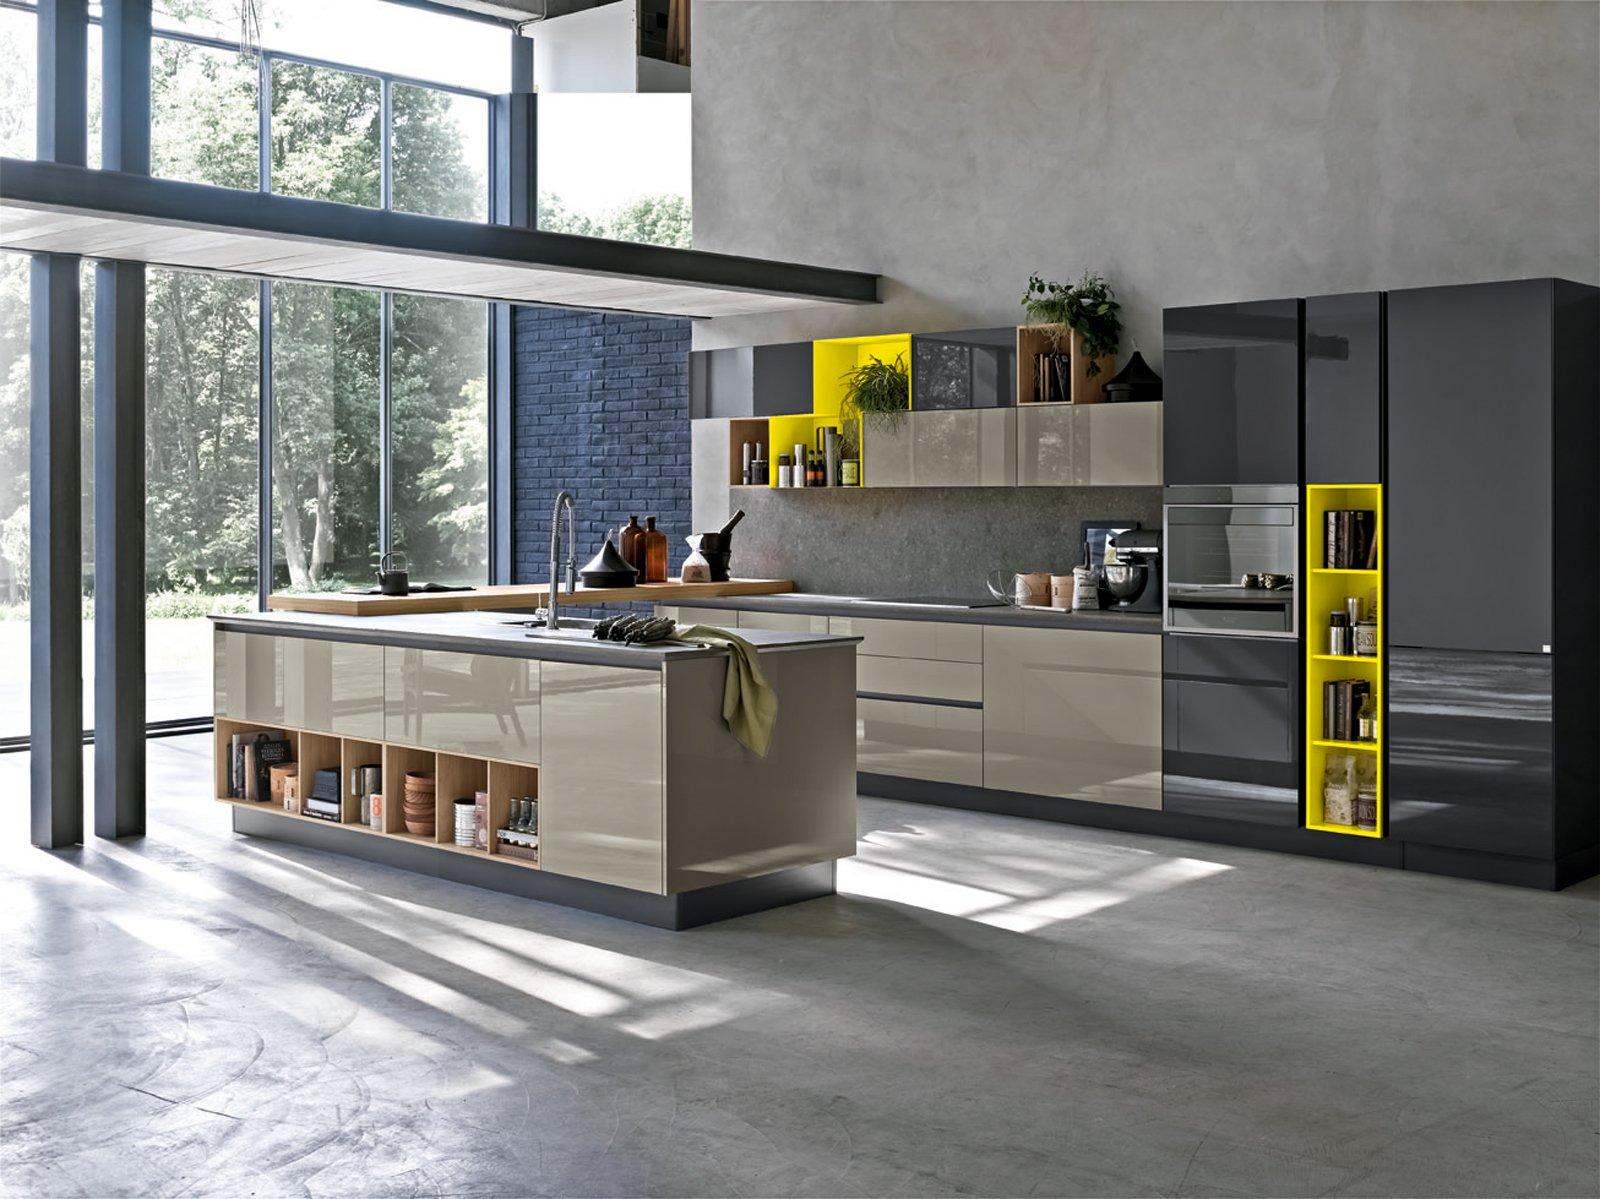 100+ [ Cucine Moderne Da Sogno ] | Cucine Moderne Design,Cucine Di ...